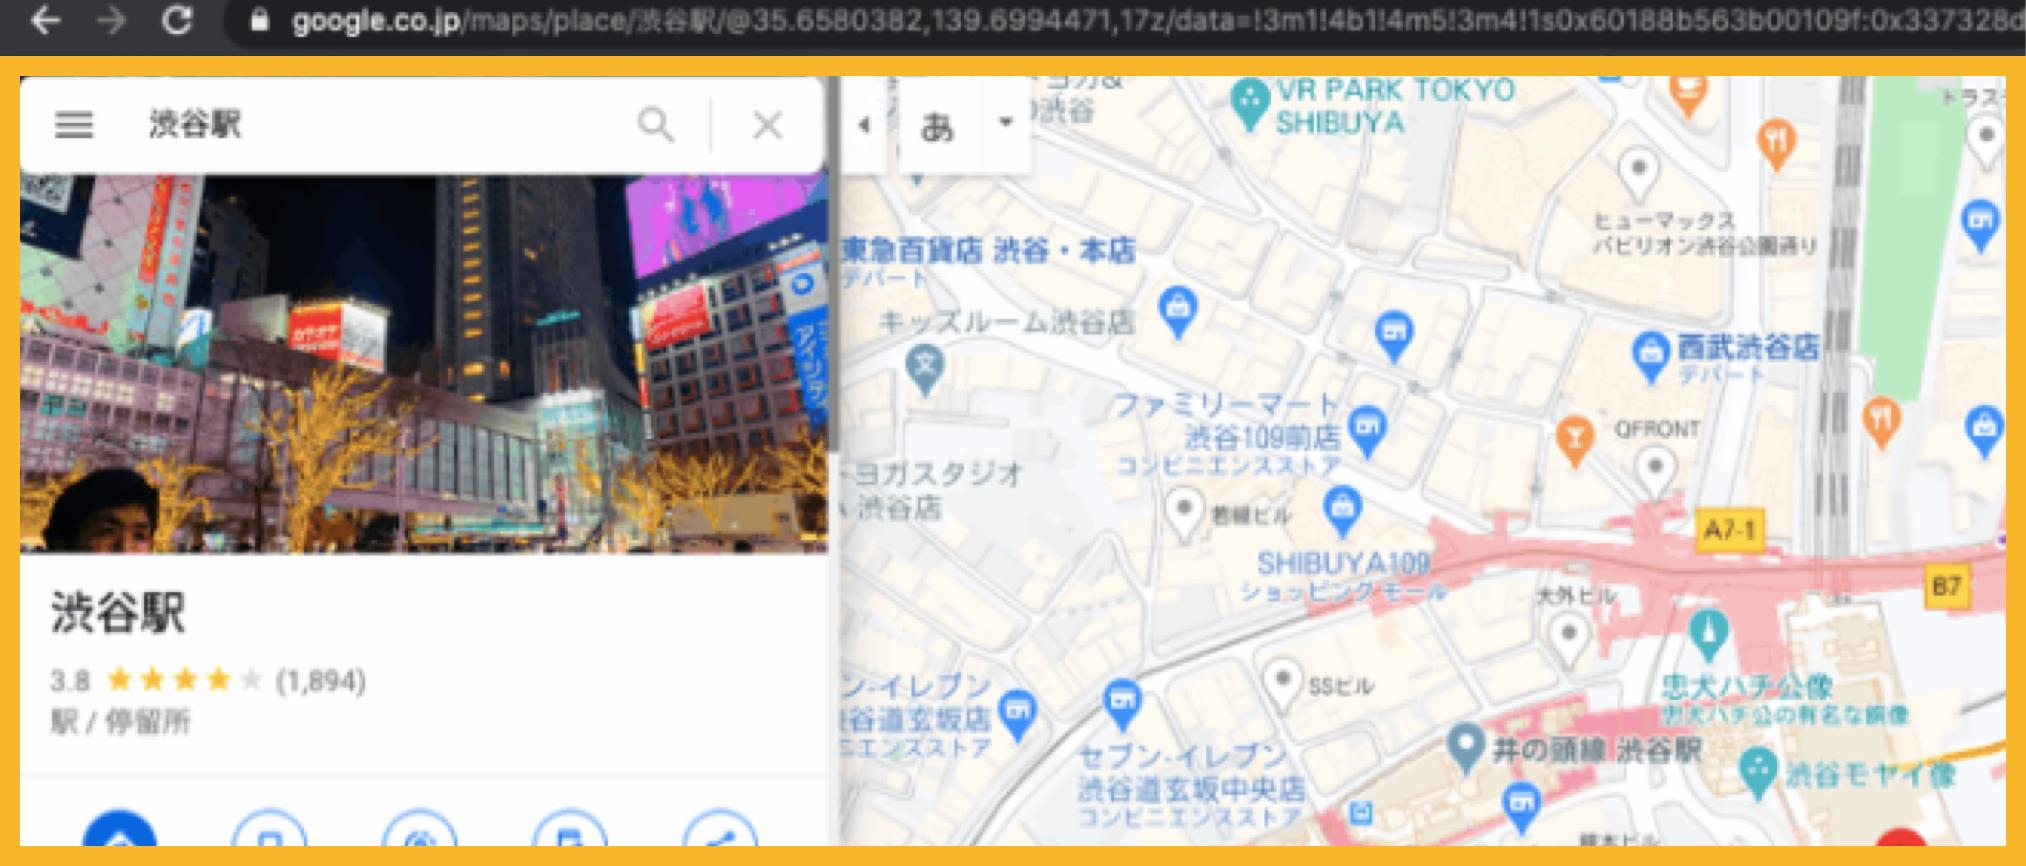 同期通信でWebブラウザがレスポンスの情報を表示する